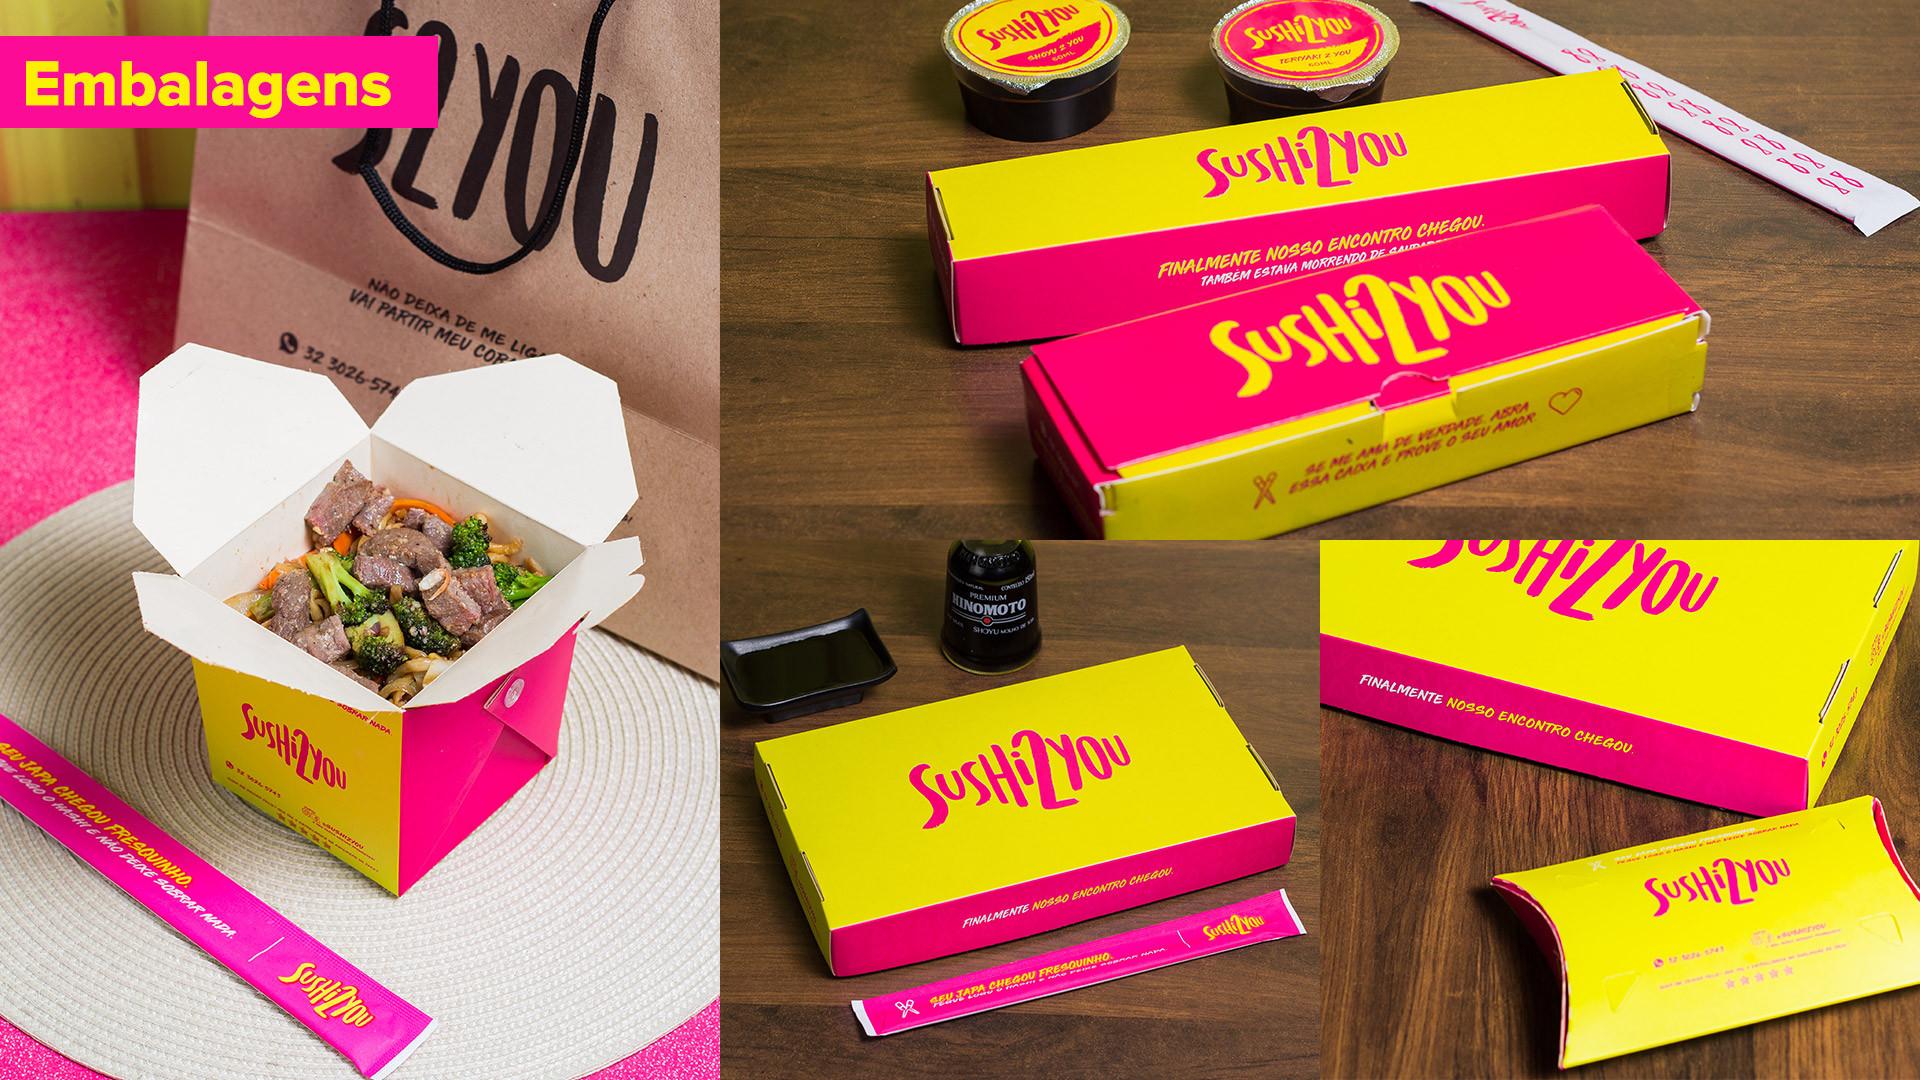 Sushi 2 You - Identidade Visual Branding Embalagens